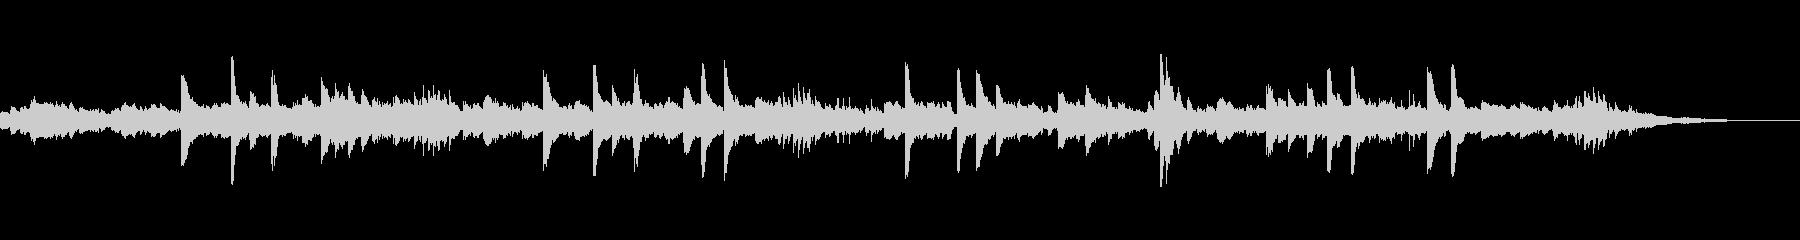 ゆらめくピアノの音色・なぐさめのメロディの未再生の波形